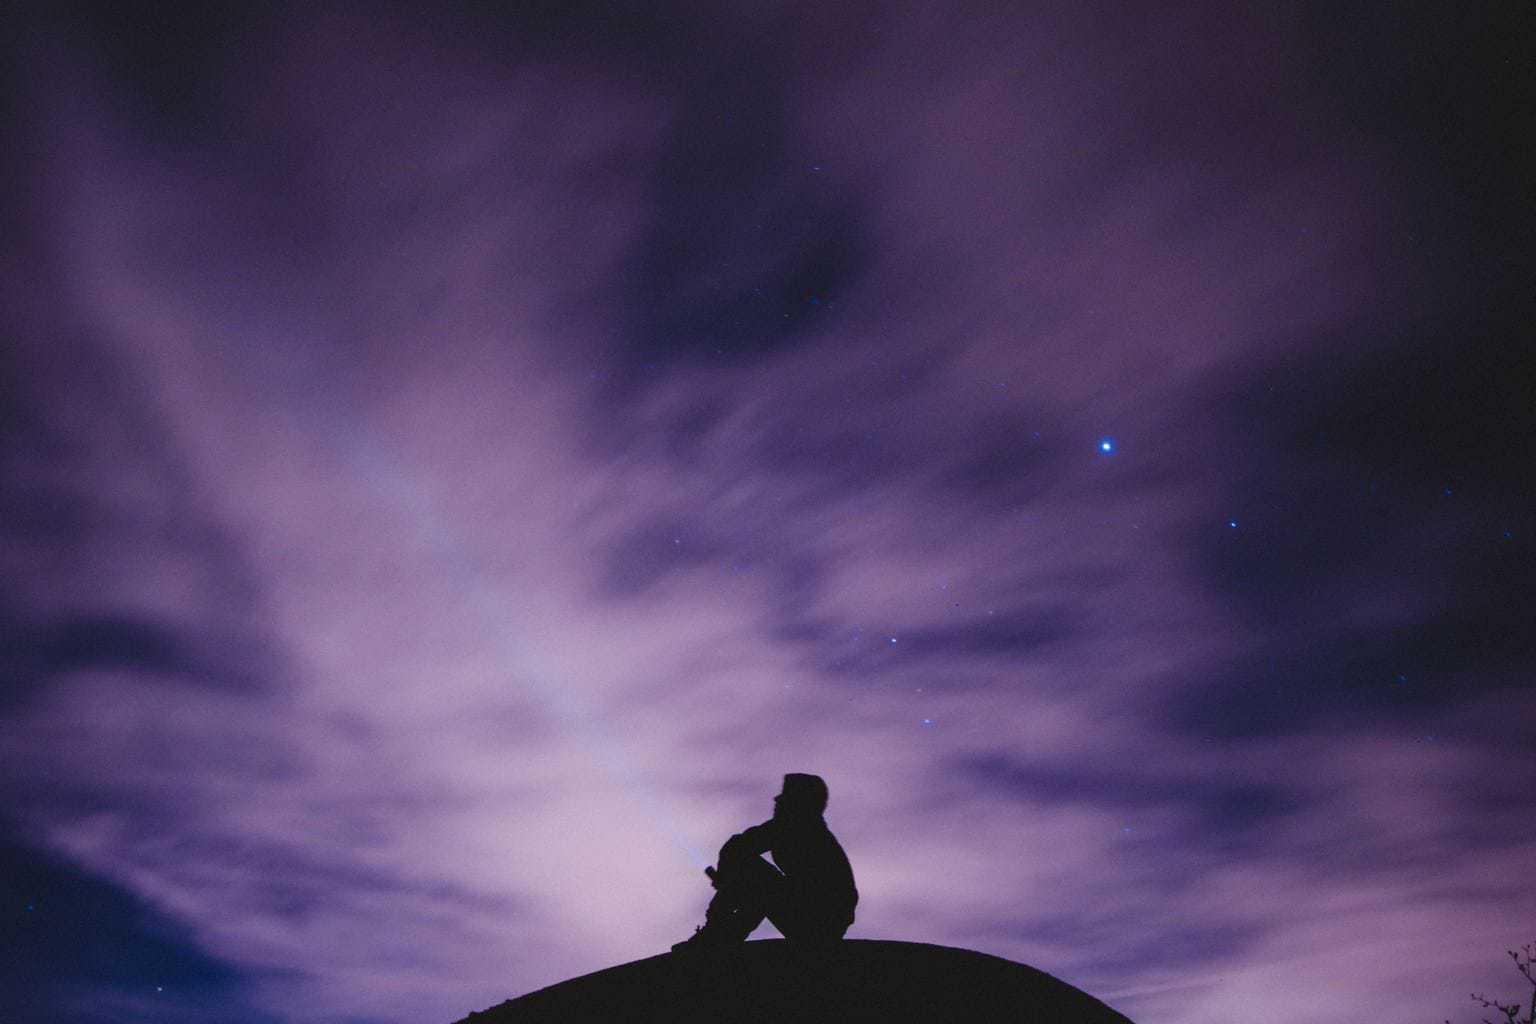 fotografía nocturna jóven con linterna